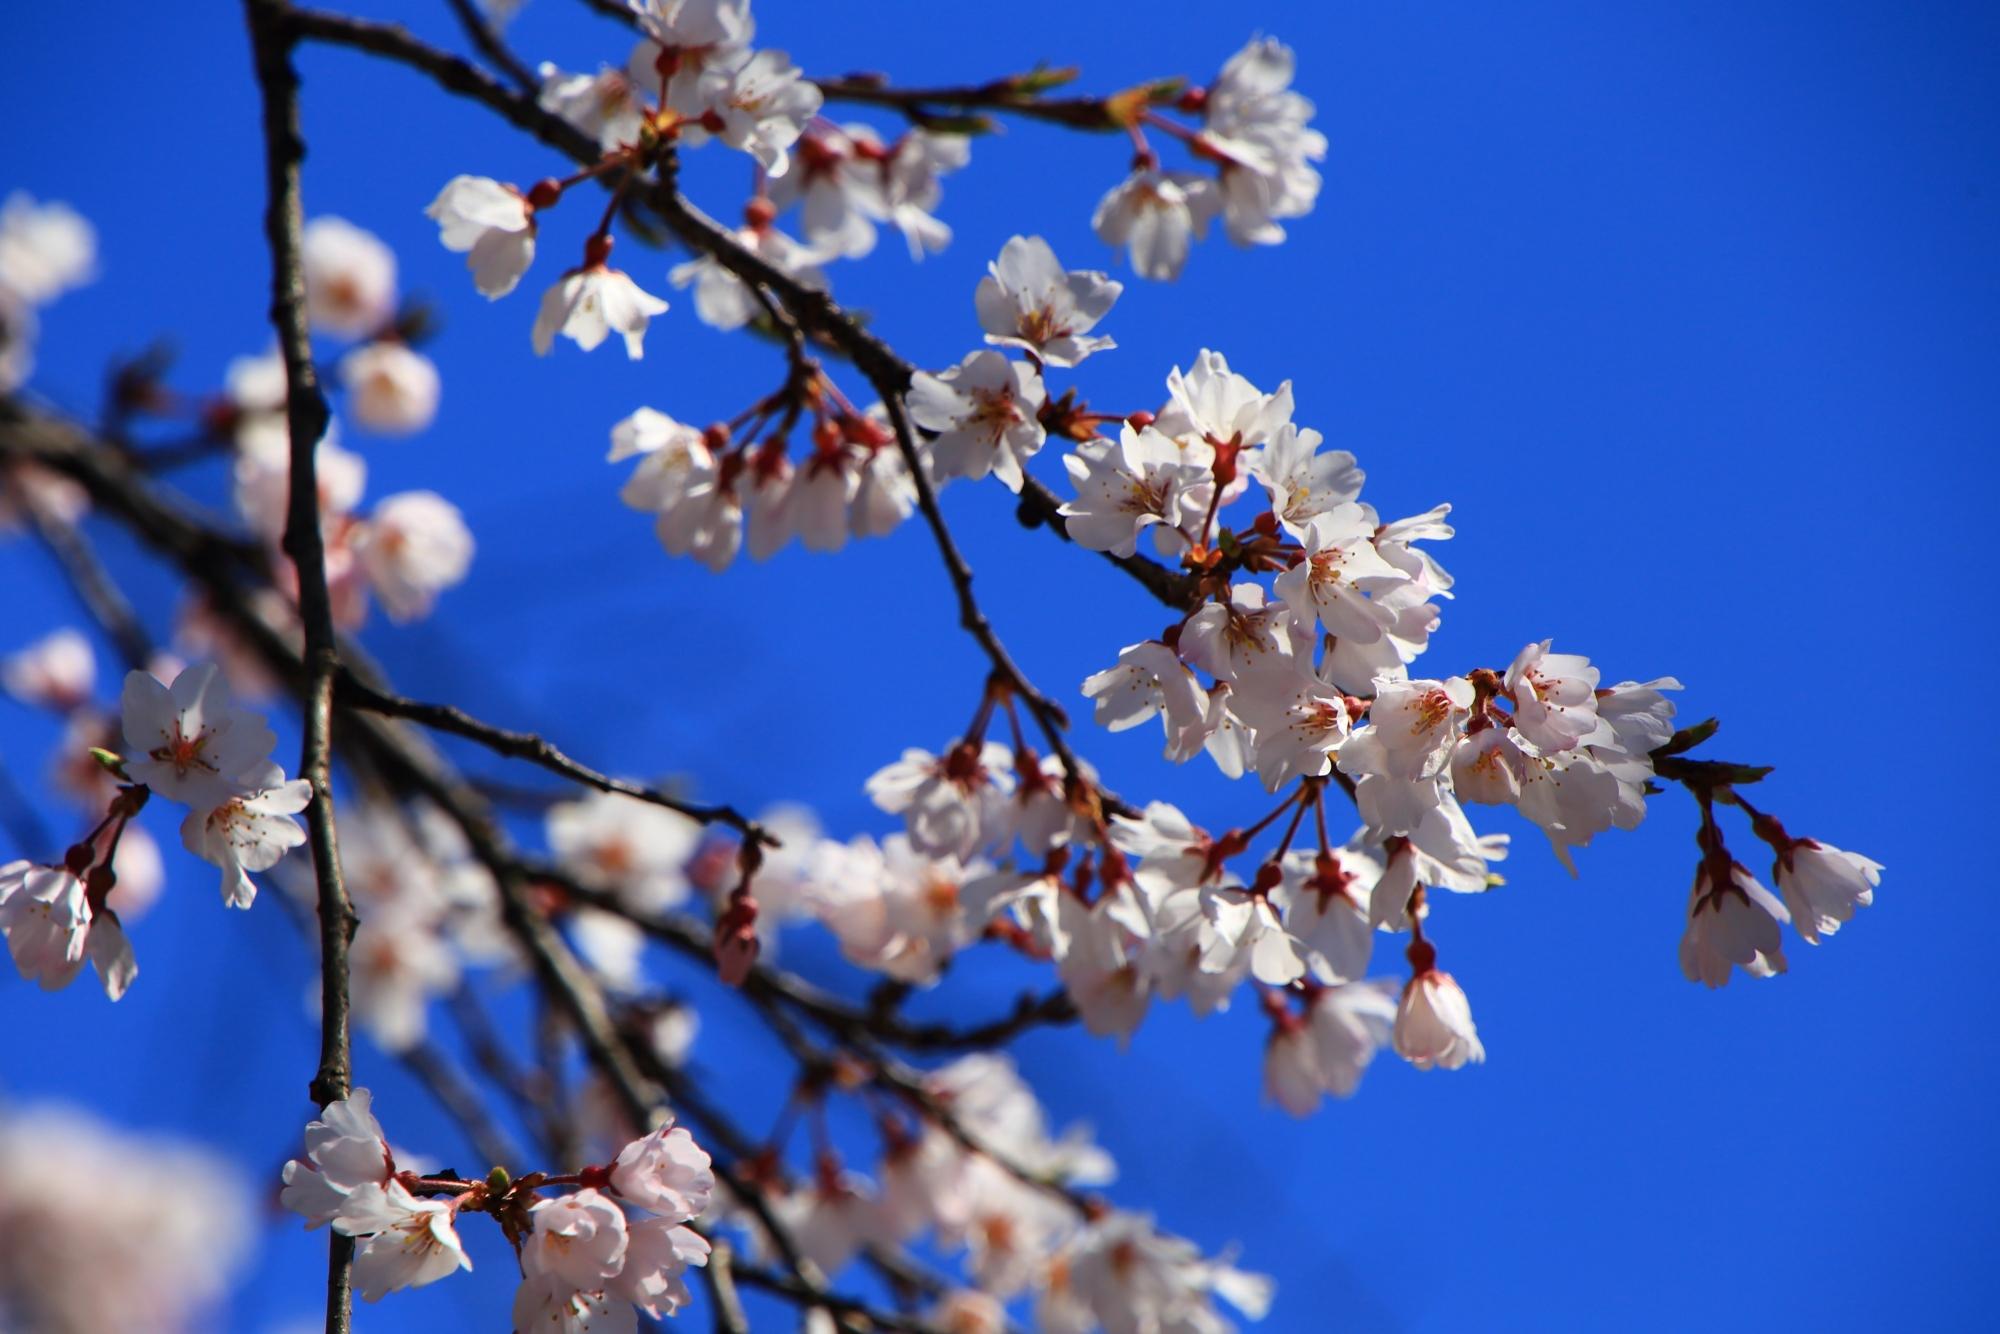 雲一つない青空に映える輝く桜